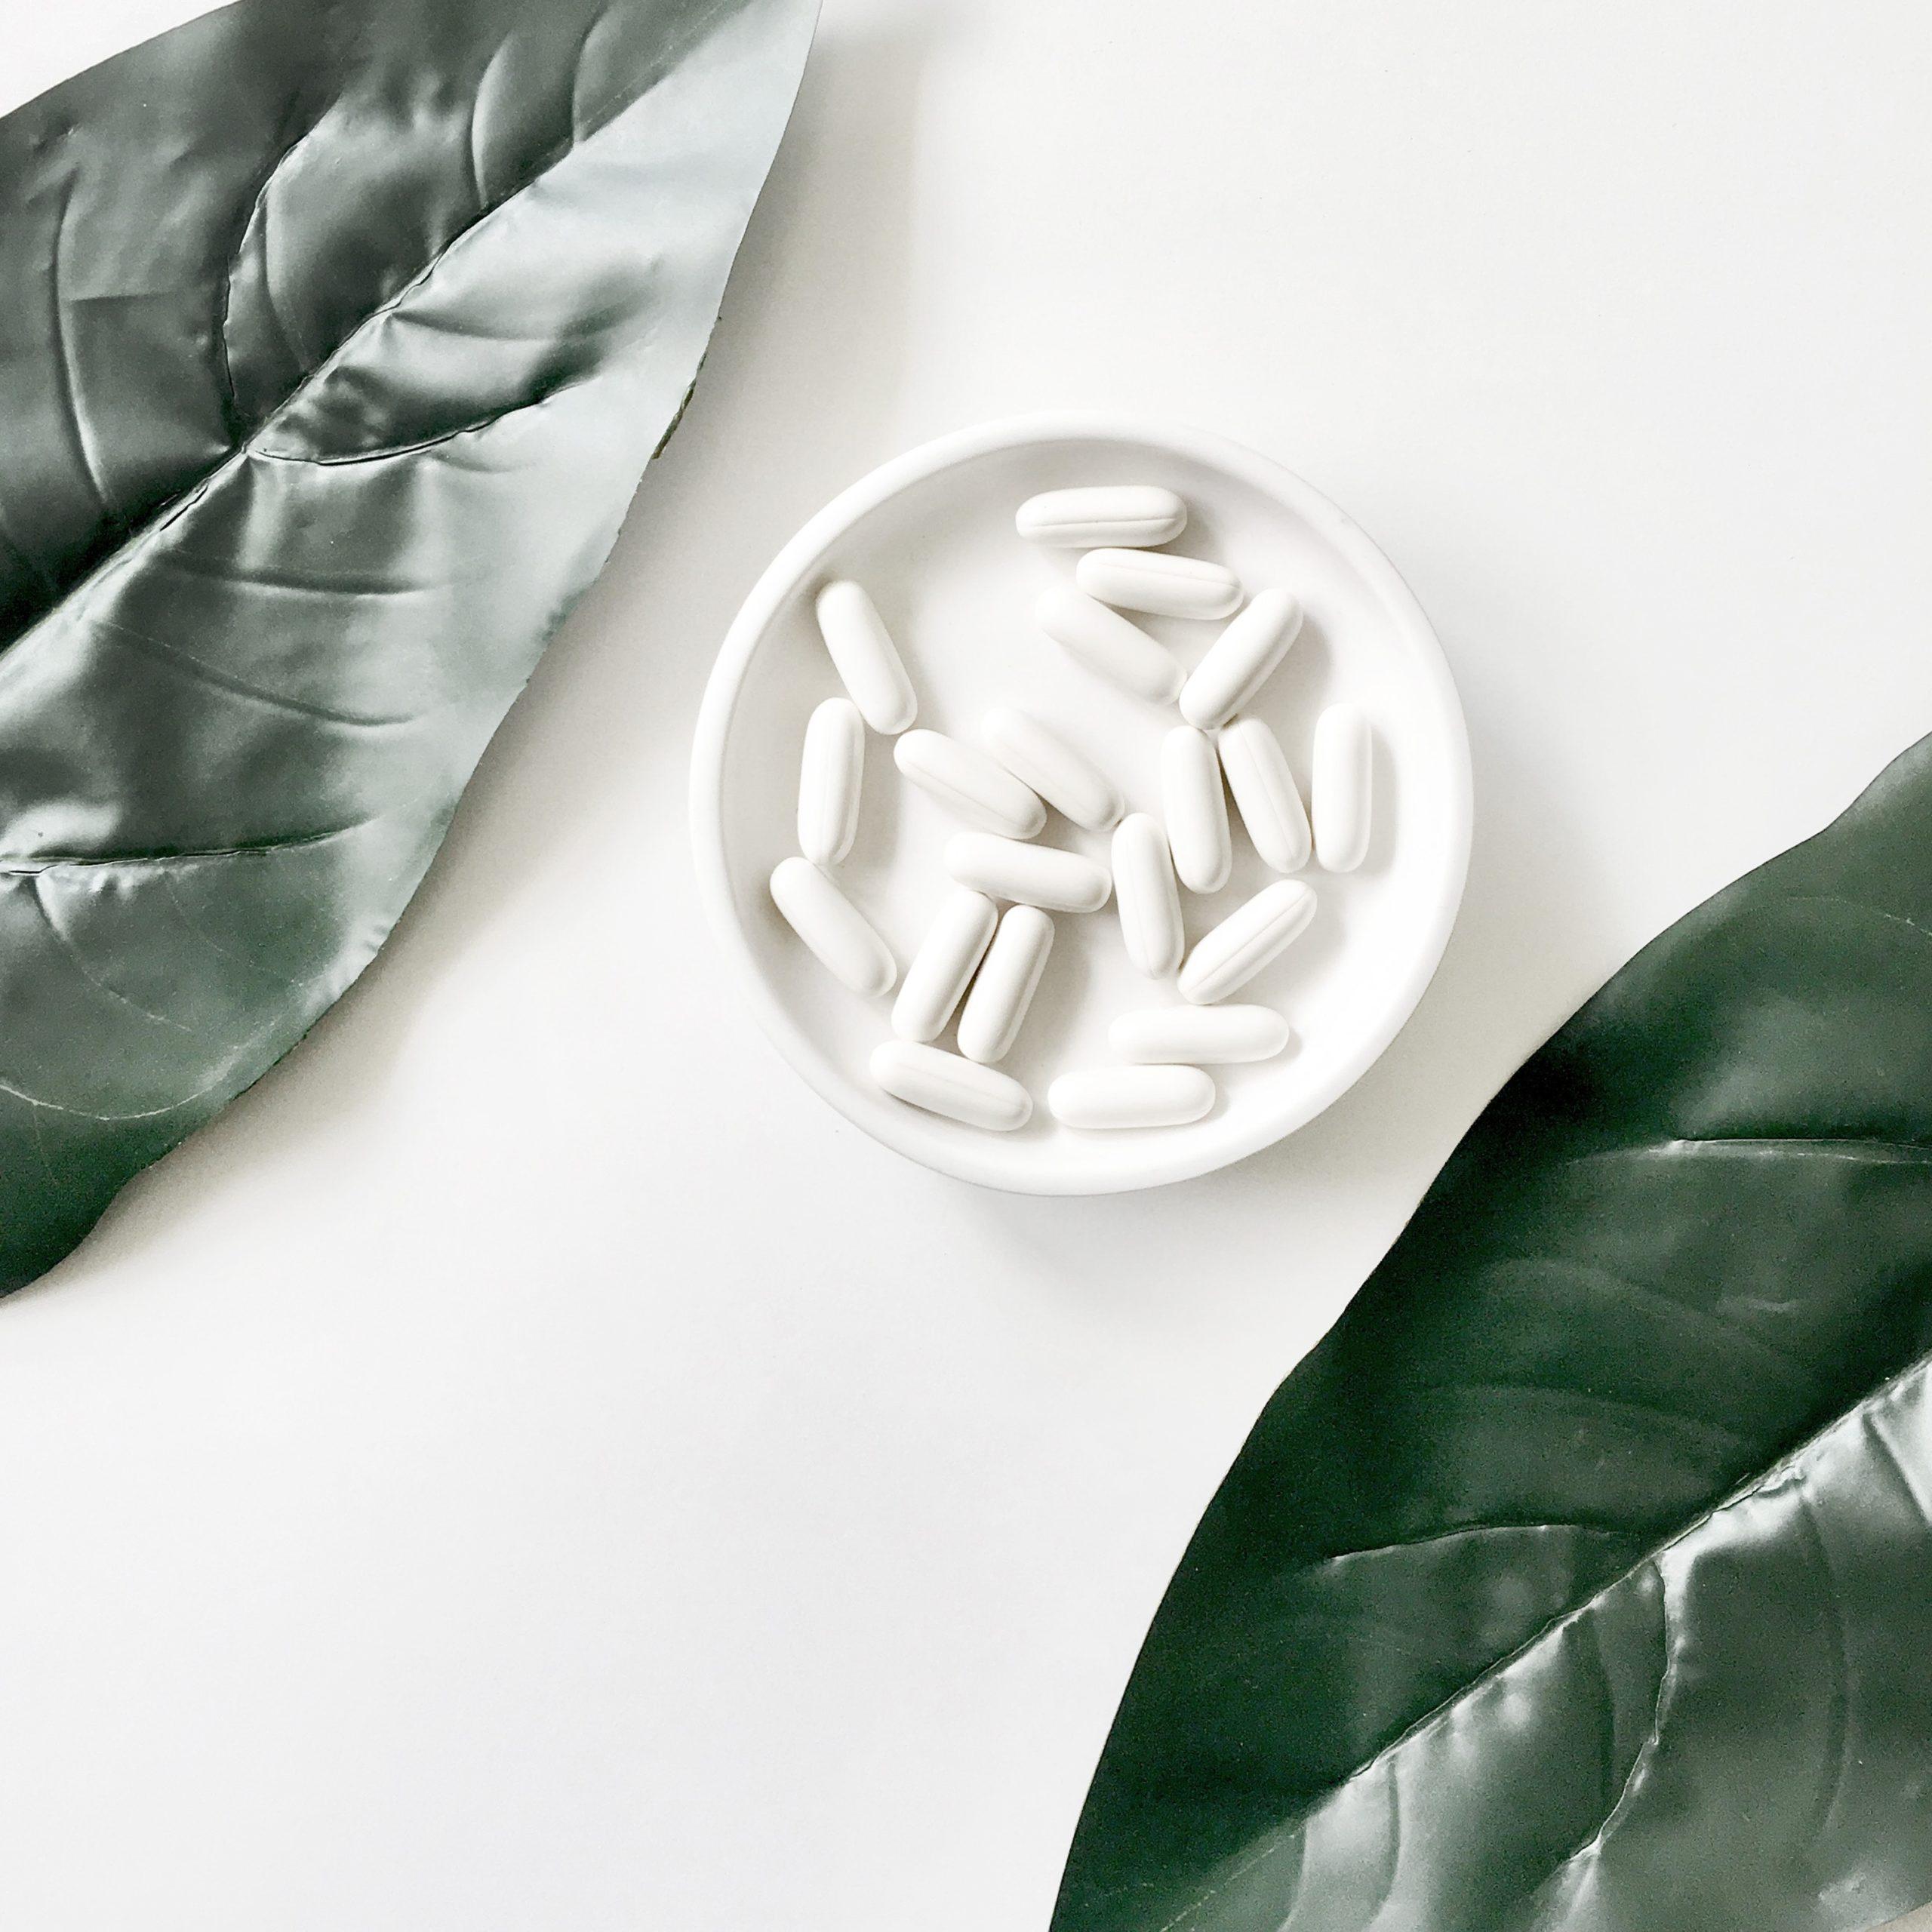 Supplemente und Nahrungsergaenzungsmittel in weißer Schale